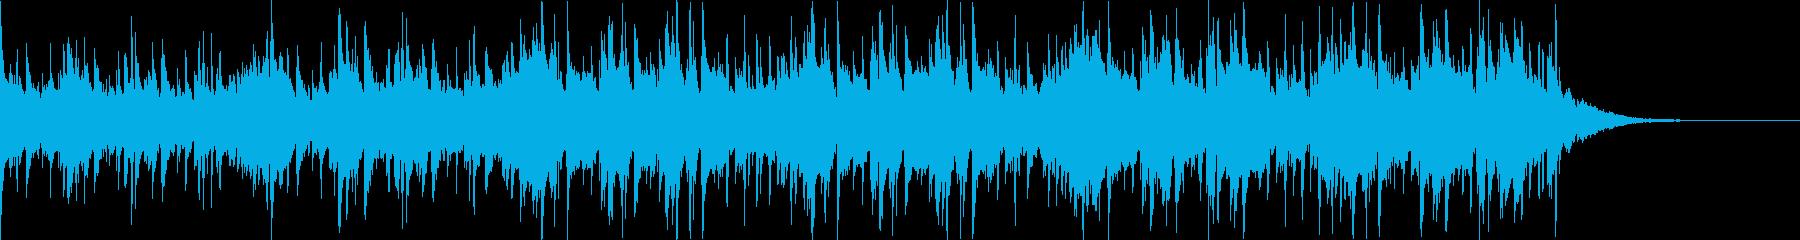 Pf「水上」和風現代ジャズの再生済みの波形